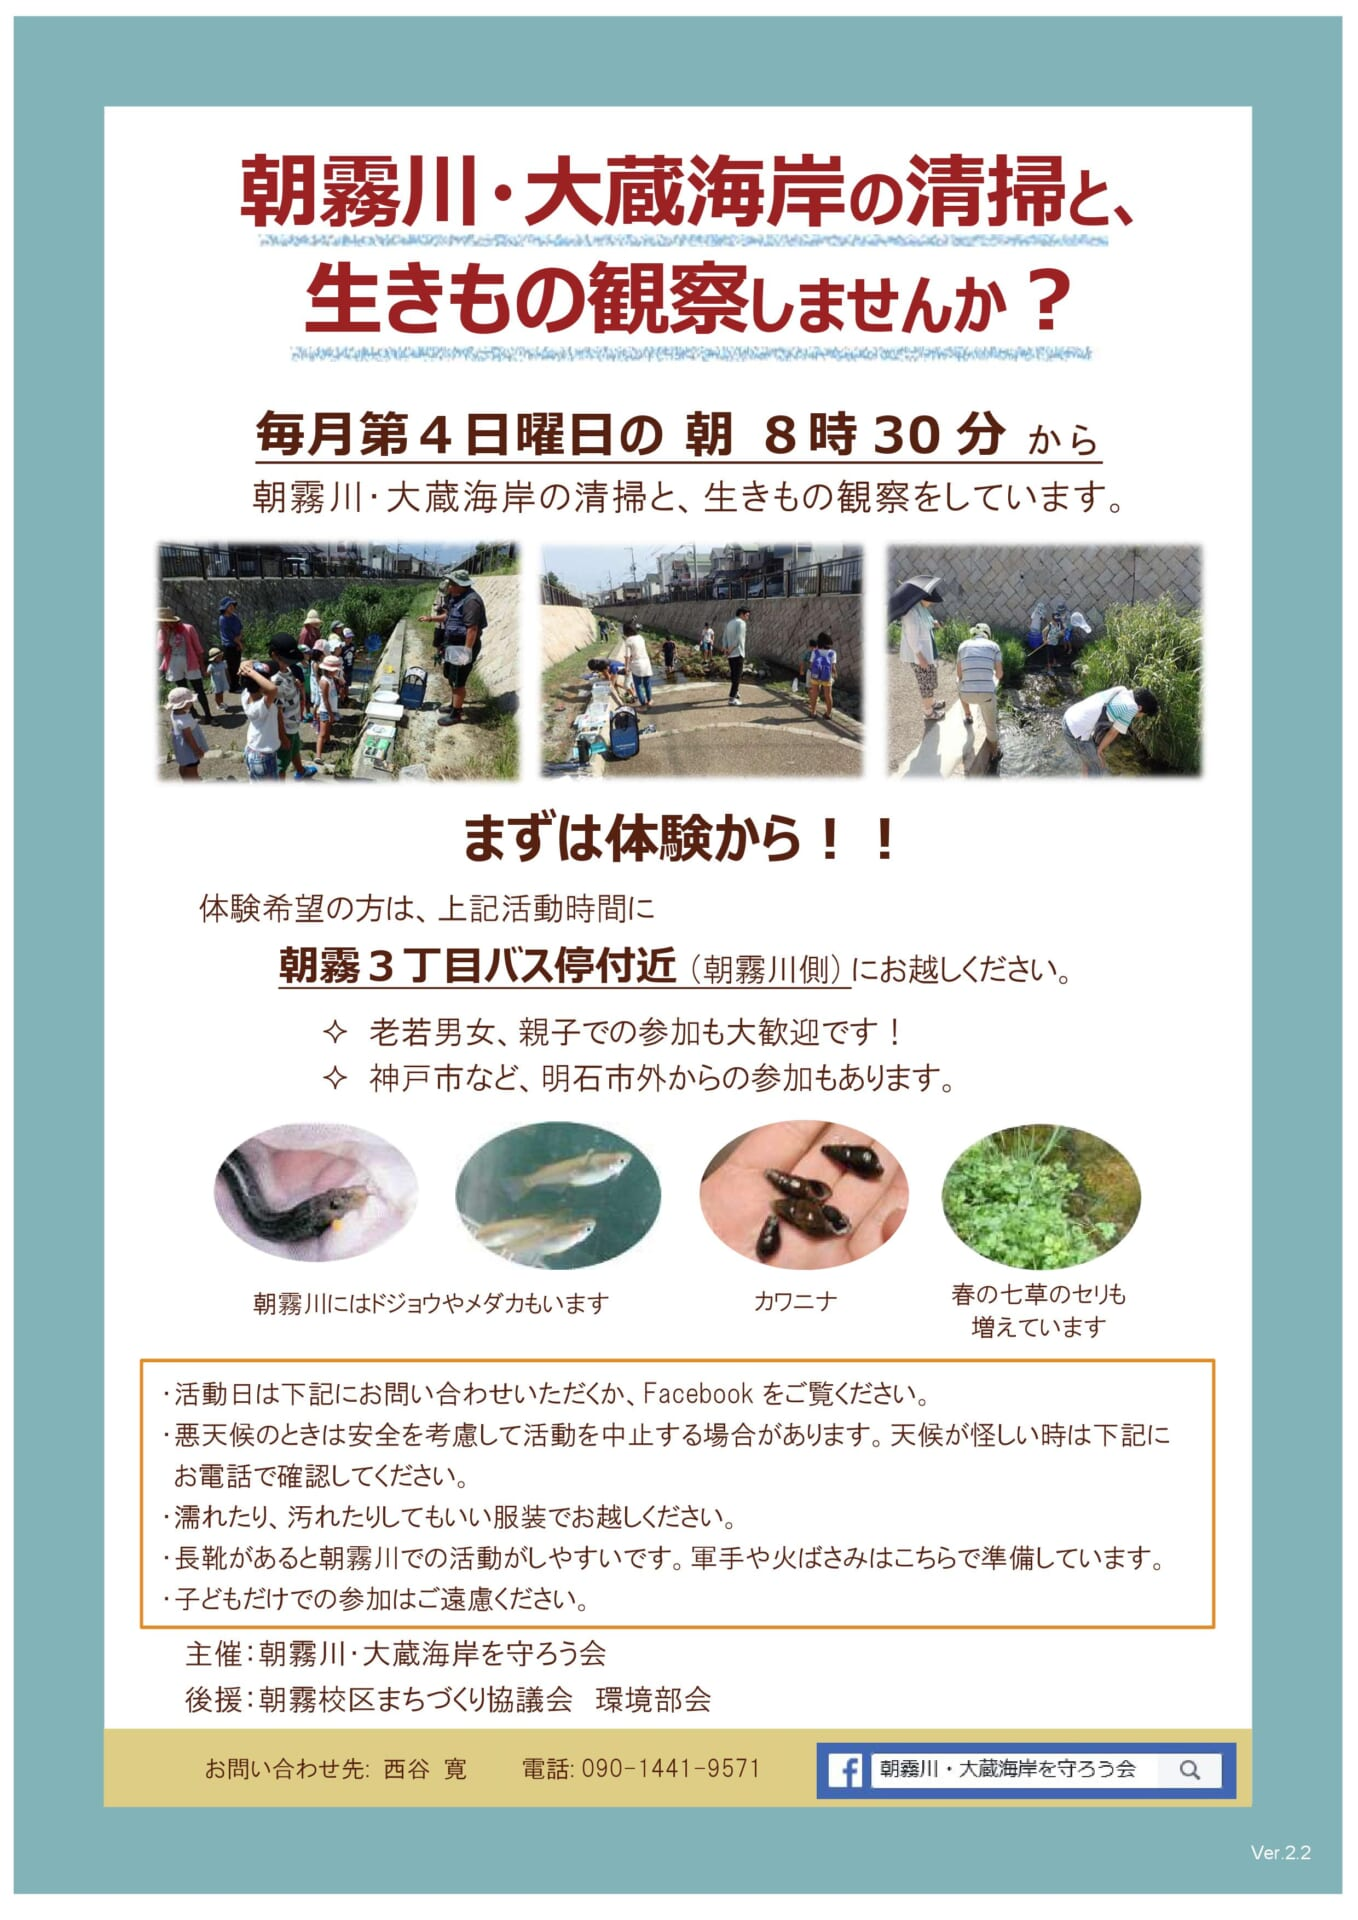 朝霧川クリーン作戦、観察会